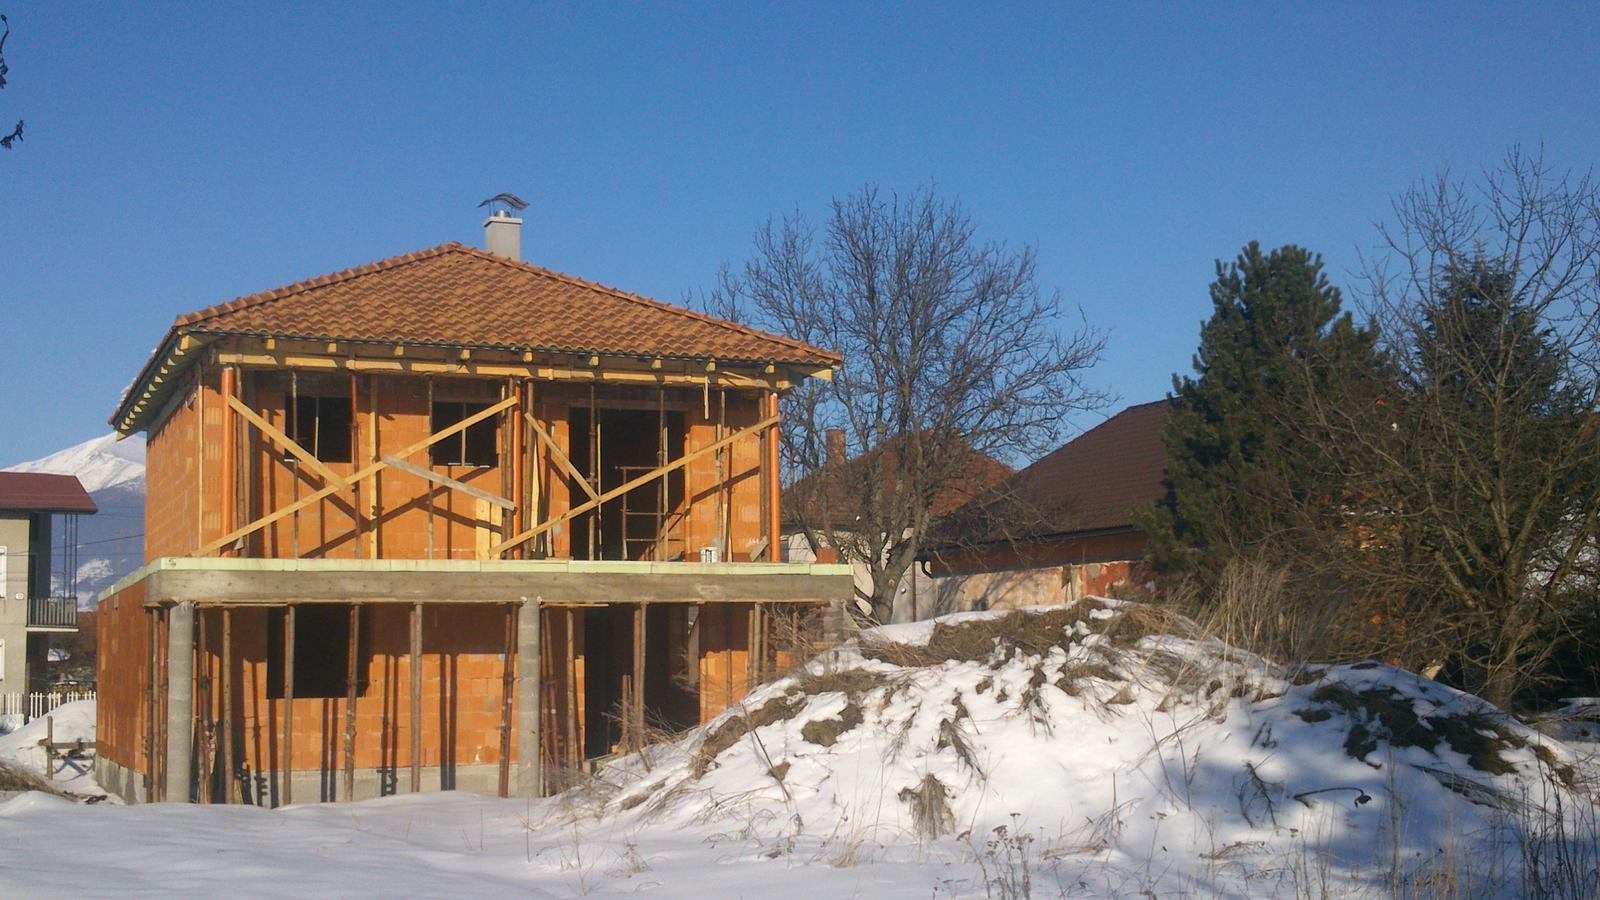 Sen, ktorý sa volá náš domček - Prvá strecha-final verzion. Hurá, Hurá